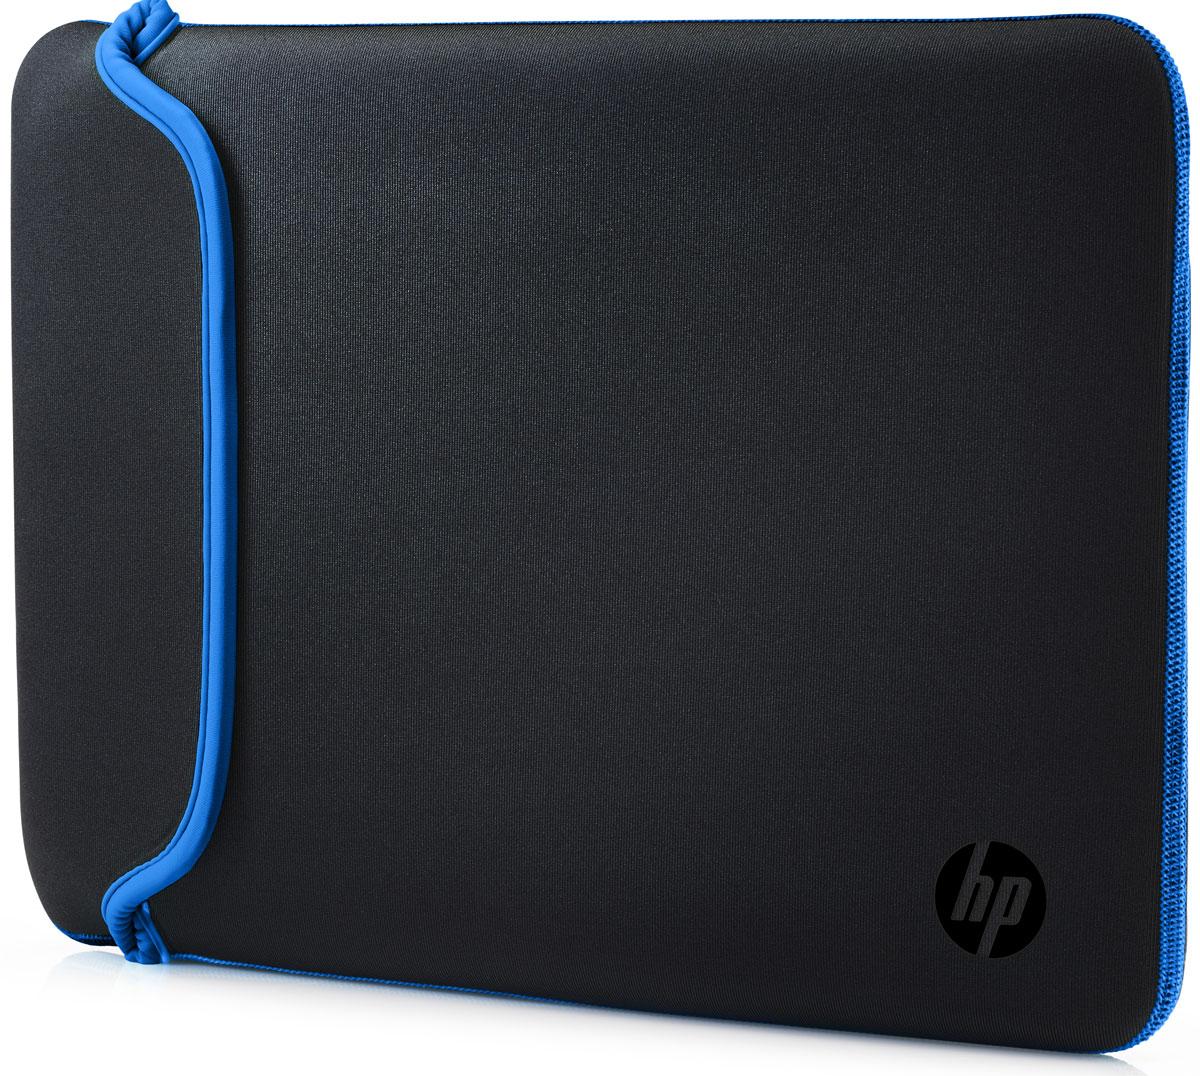 HP Neoprene Sleeve чехол для ноутбука 14, Black Blue (V5C27AA)1000398660Поместите свой ноутбук в этот яркий и надежный цветной чехол HP Neoprene Sleeve. Этот прочный неопреновый чехол защищает ваш ПК от внешних воздействий, ударов и царапин. Аксессуар выполнен из двустороннего материала, так что вы в любой момент можете изменить его цвет.